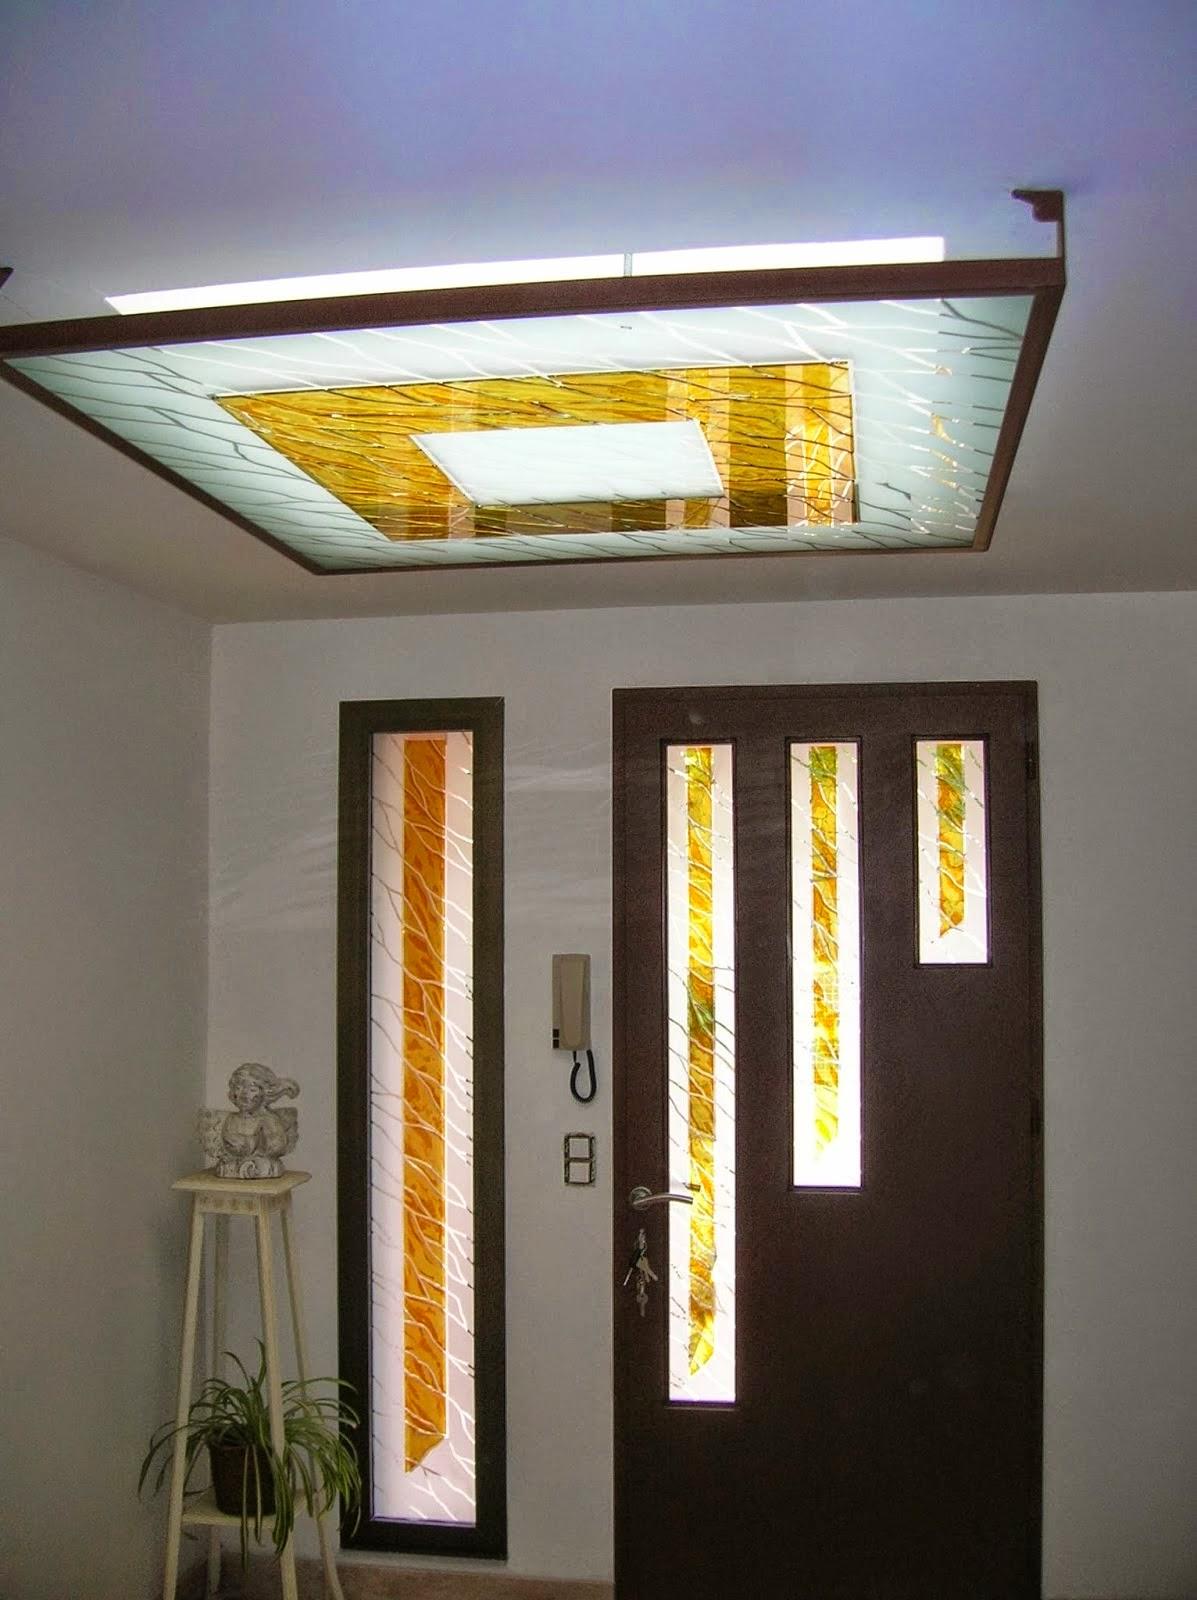 Mẫu trần nhà tối giản CÁCH THÔNG TIN VÀ HƯỚNG DẪN